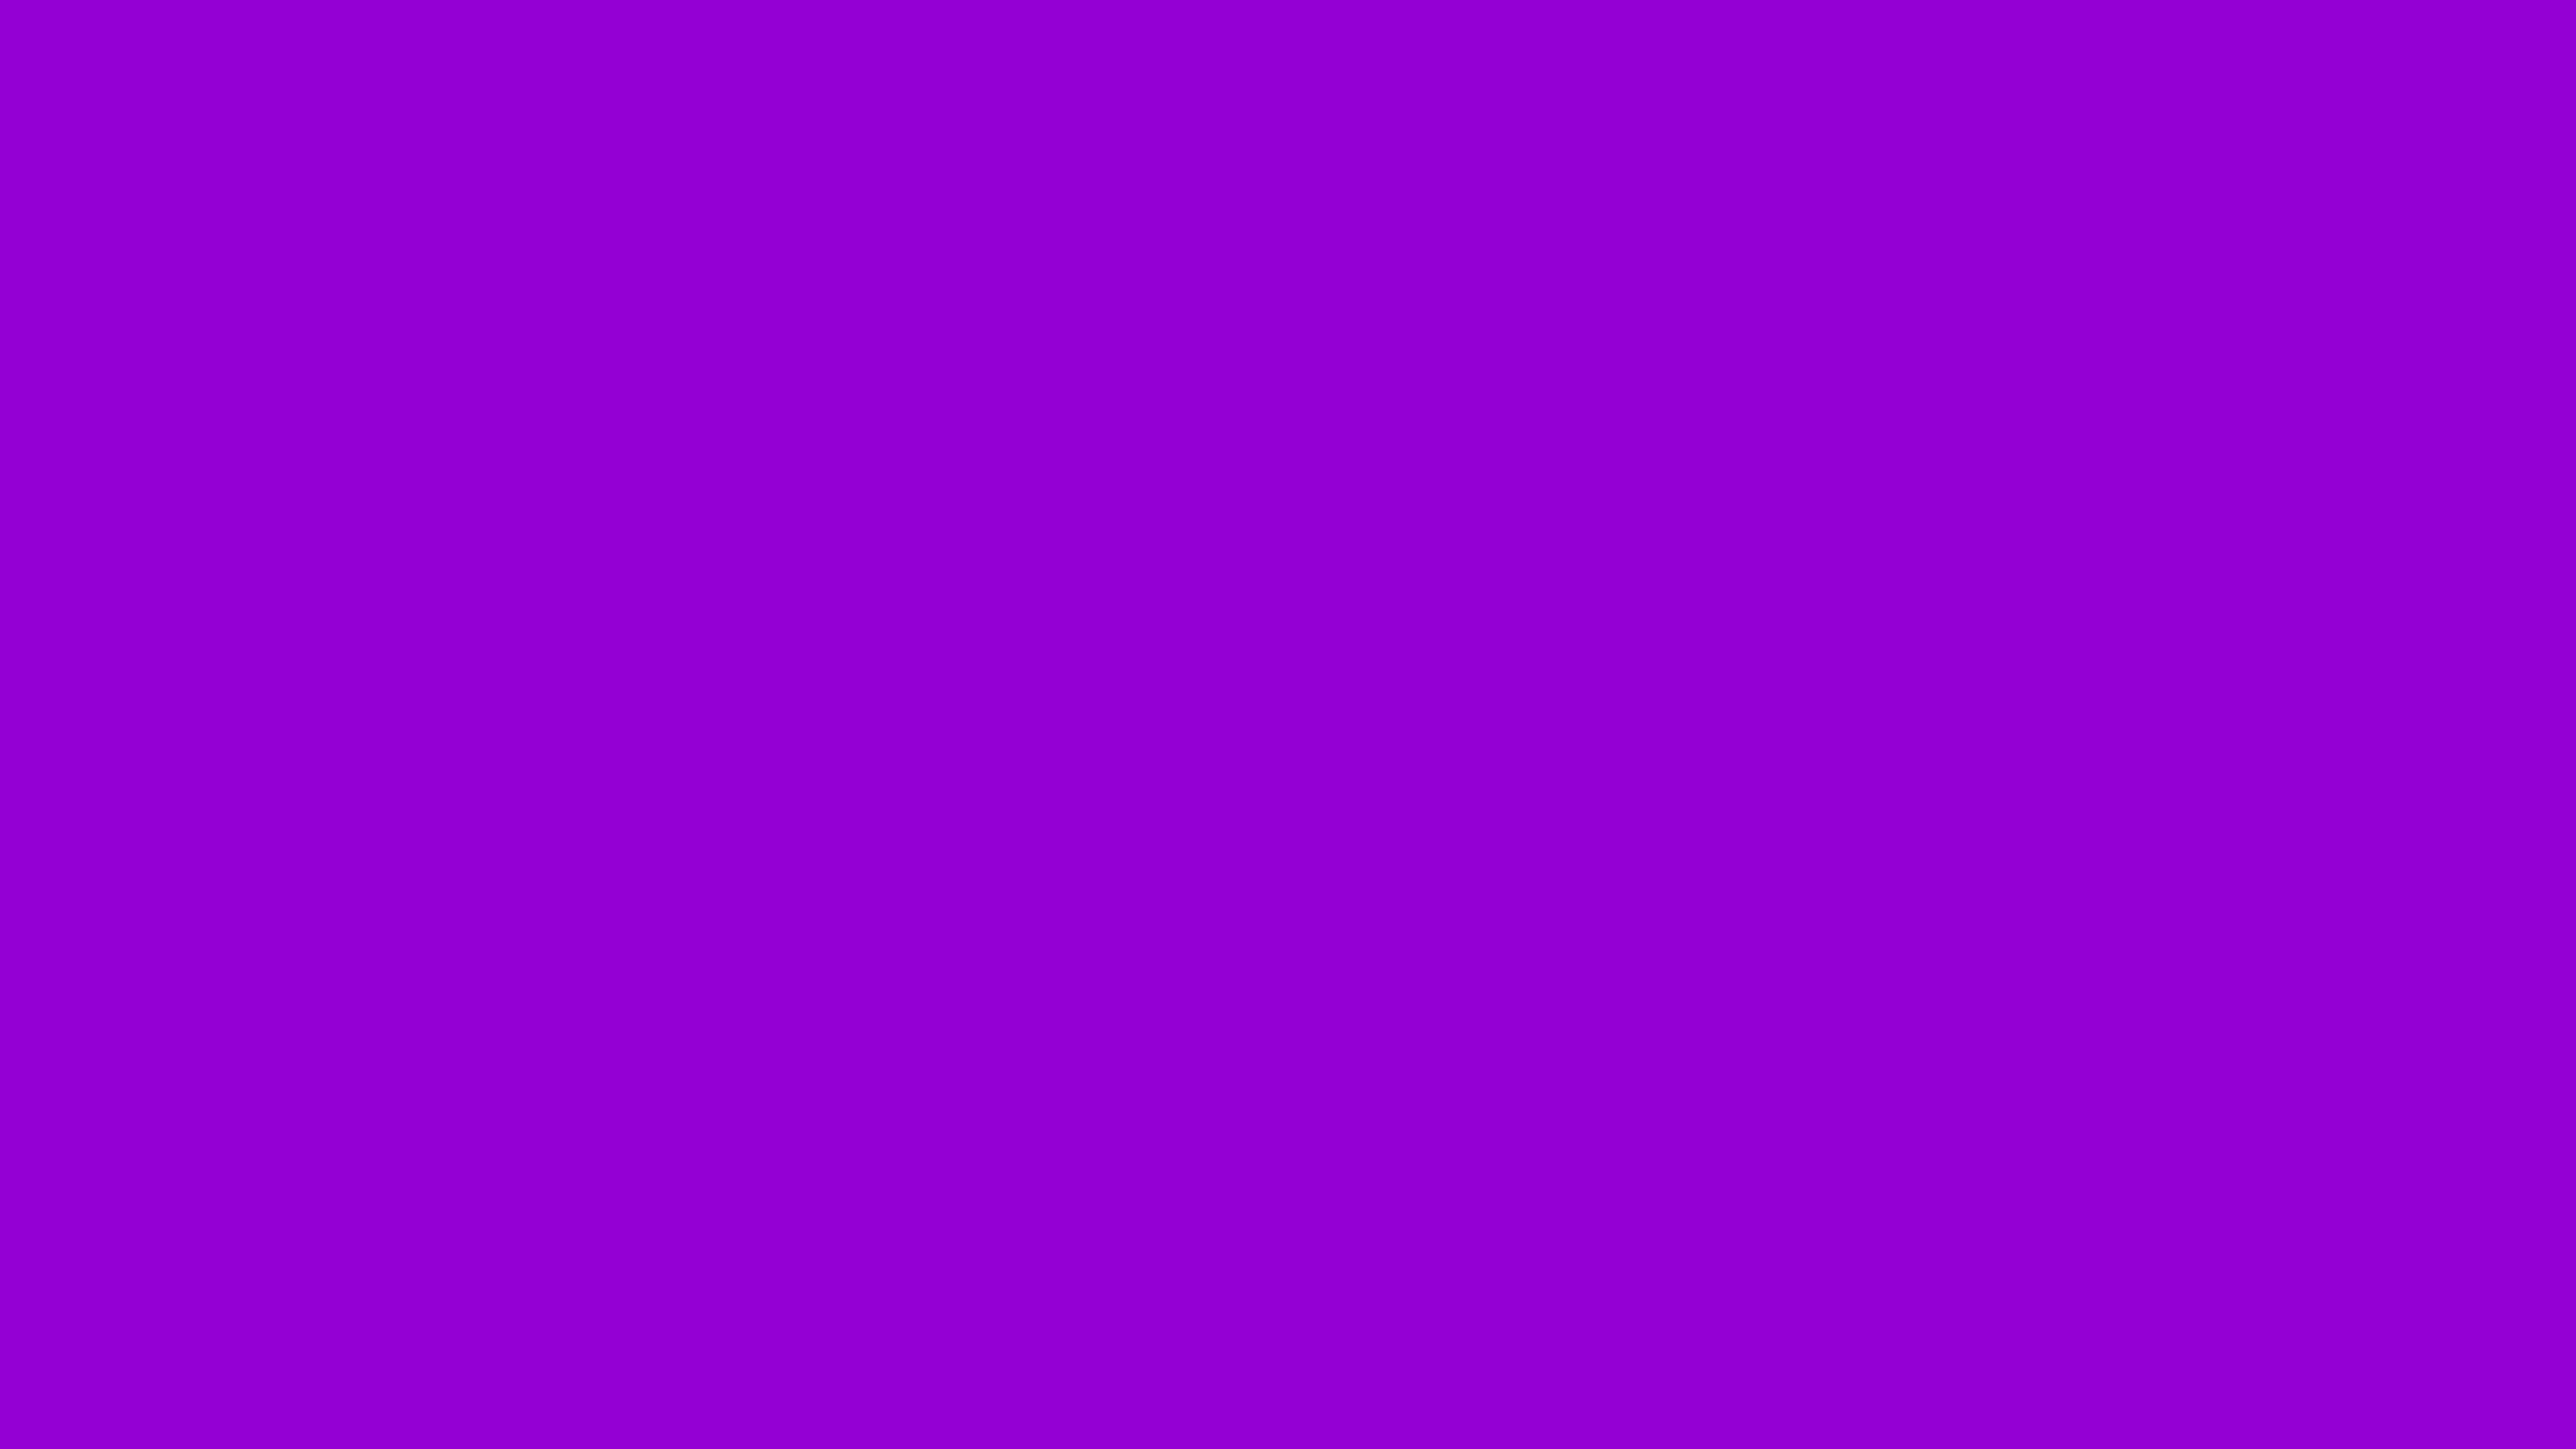 4096x2304 Dark Violet Solid Color Background